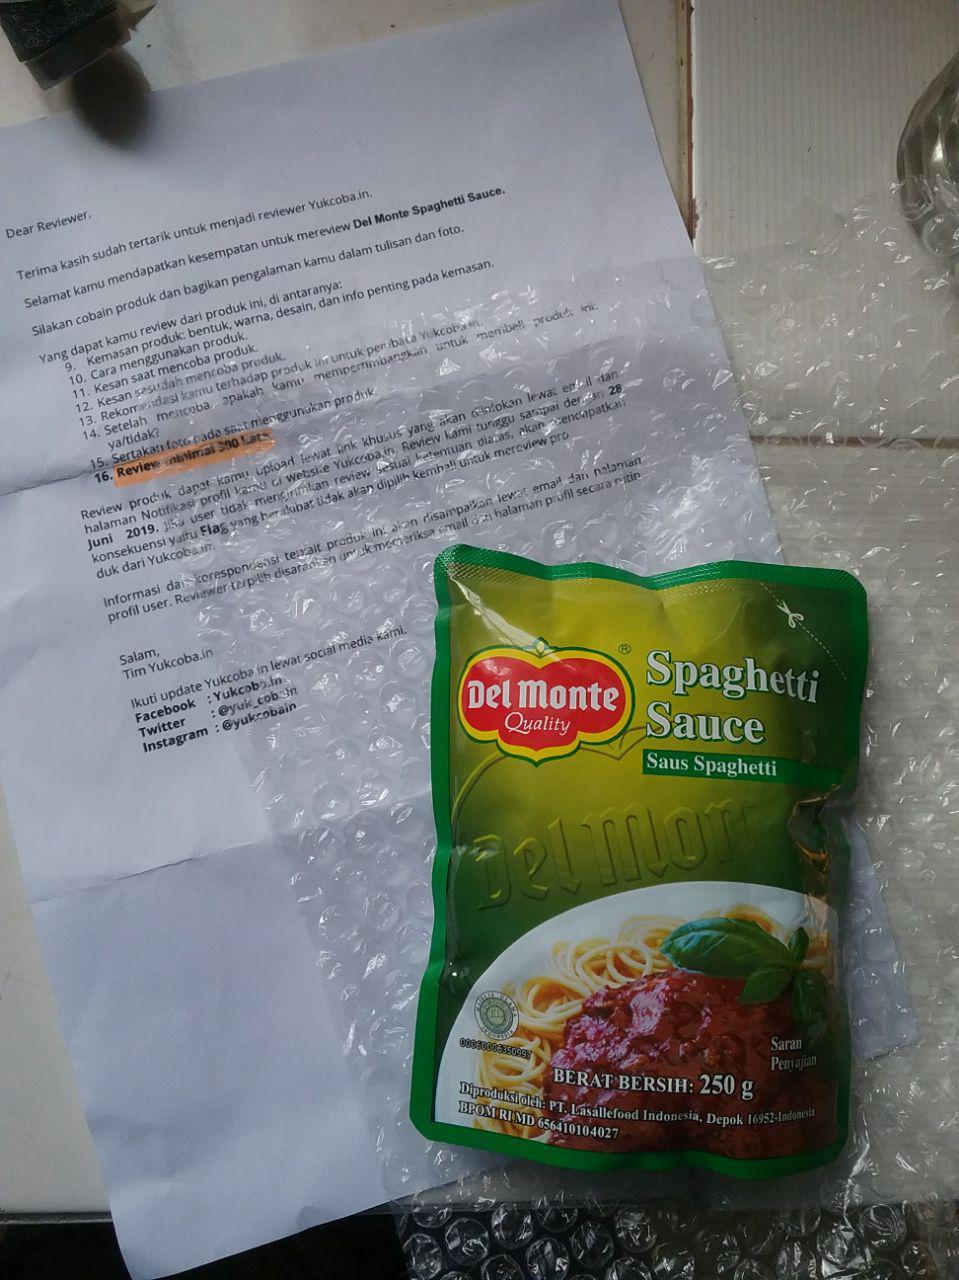 image review Del Monte Spaghetti Sauce